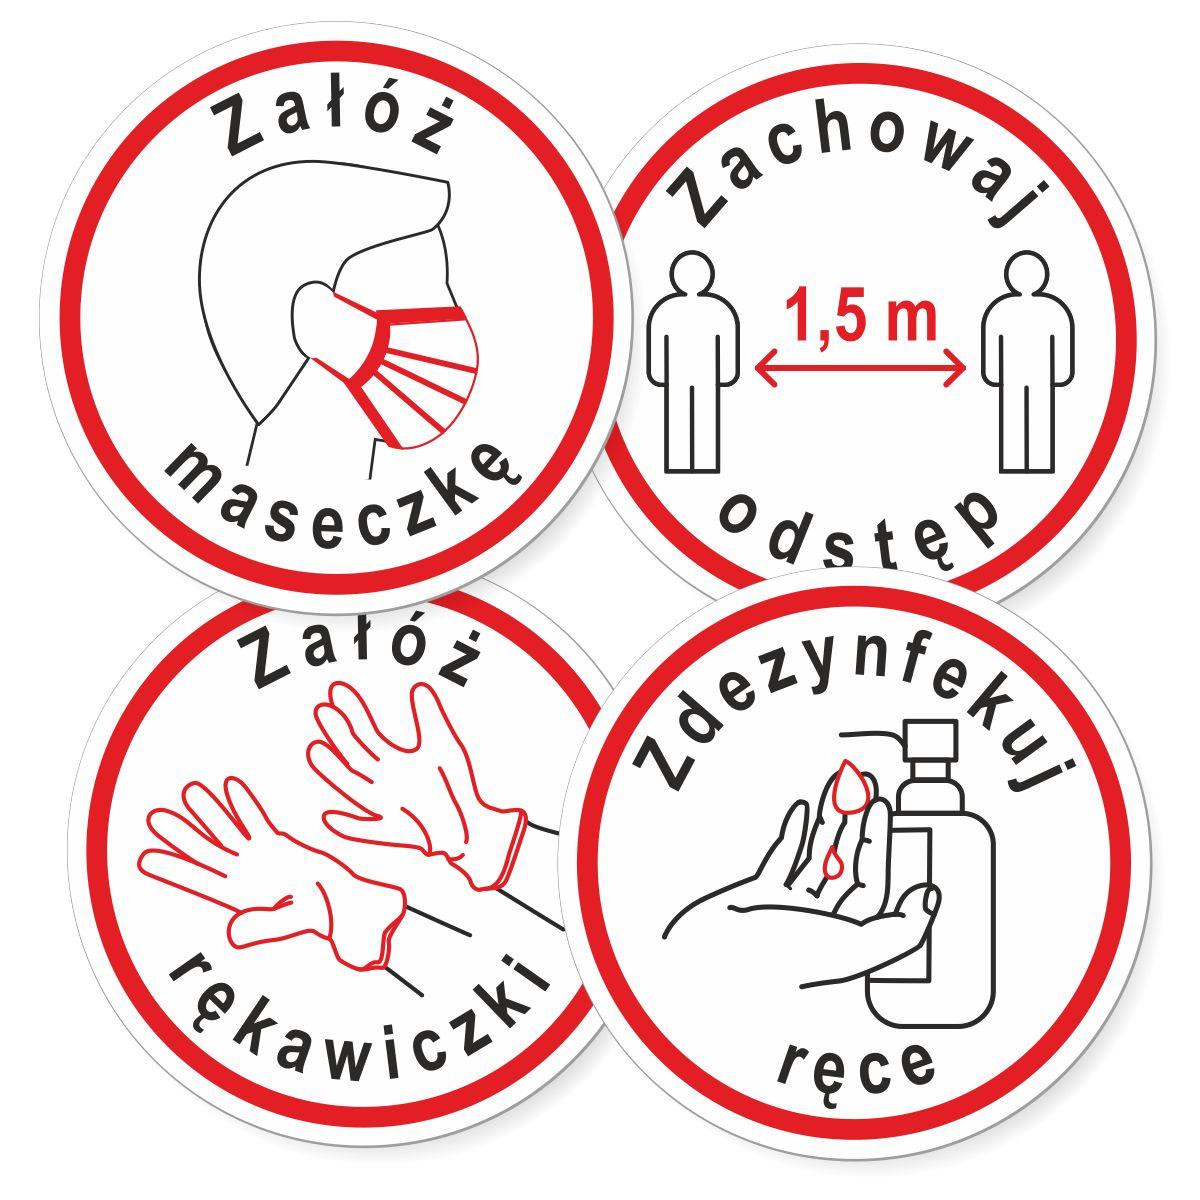 Wlepki oznakowania epidemiczne - przed wejście załóż maseczkę, zdezynfekuj ręce, zachowaj dystans, załóż rękawiczki. Wodoodporne naklejki na folii samoprzylepnej.